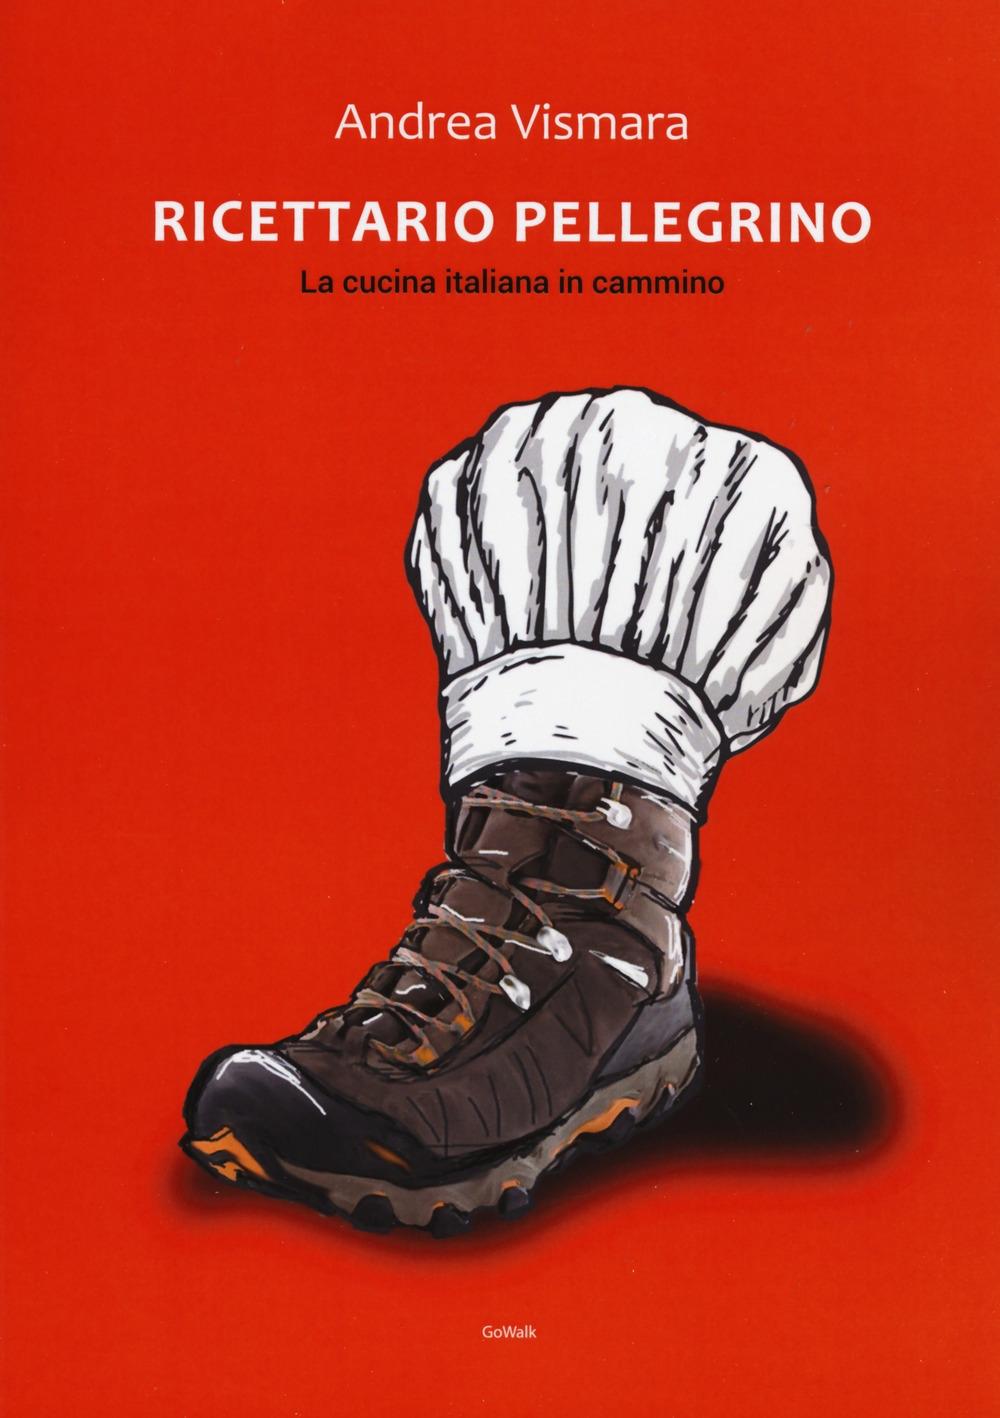 Ricettario pellegrino. La cucina italiana in cammino